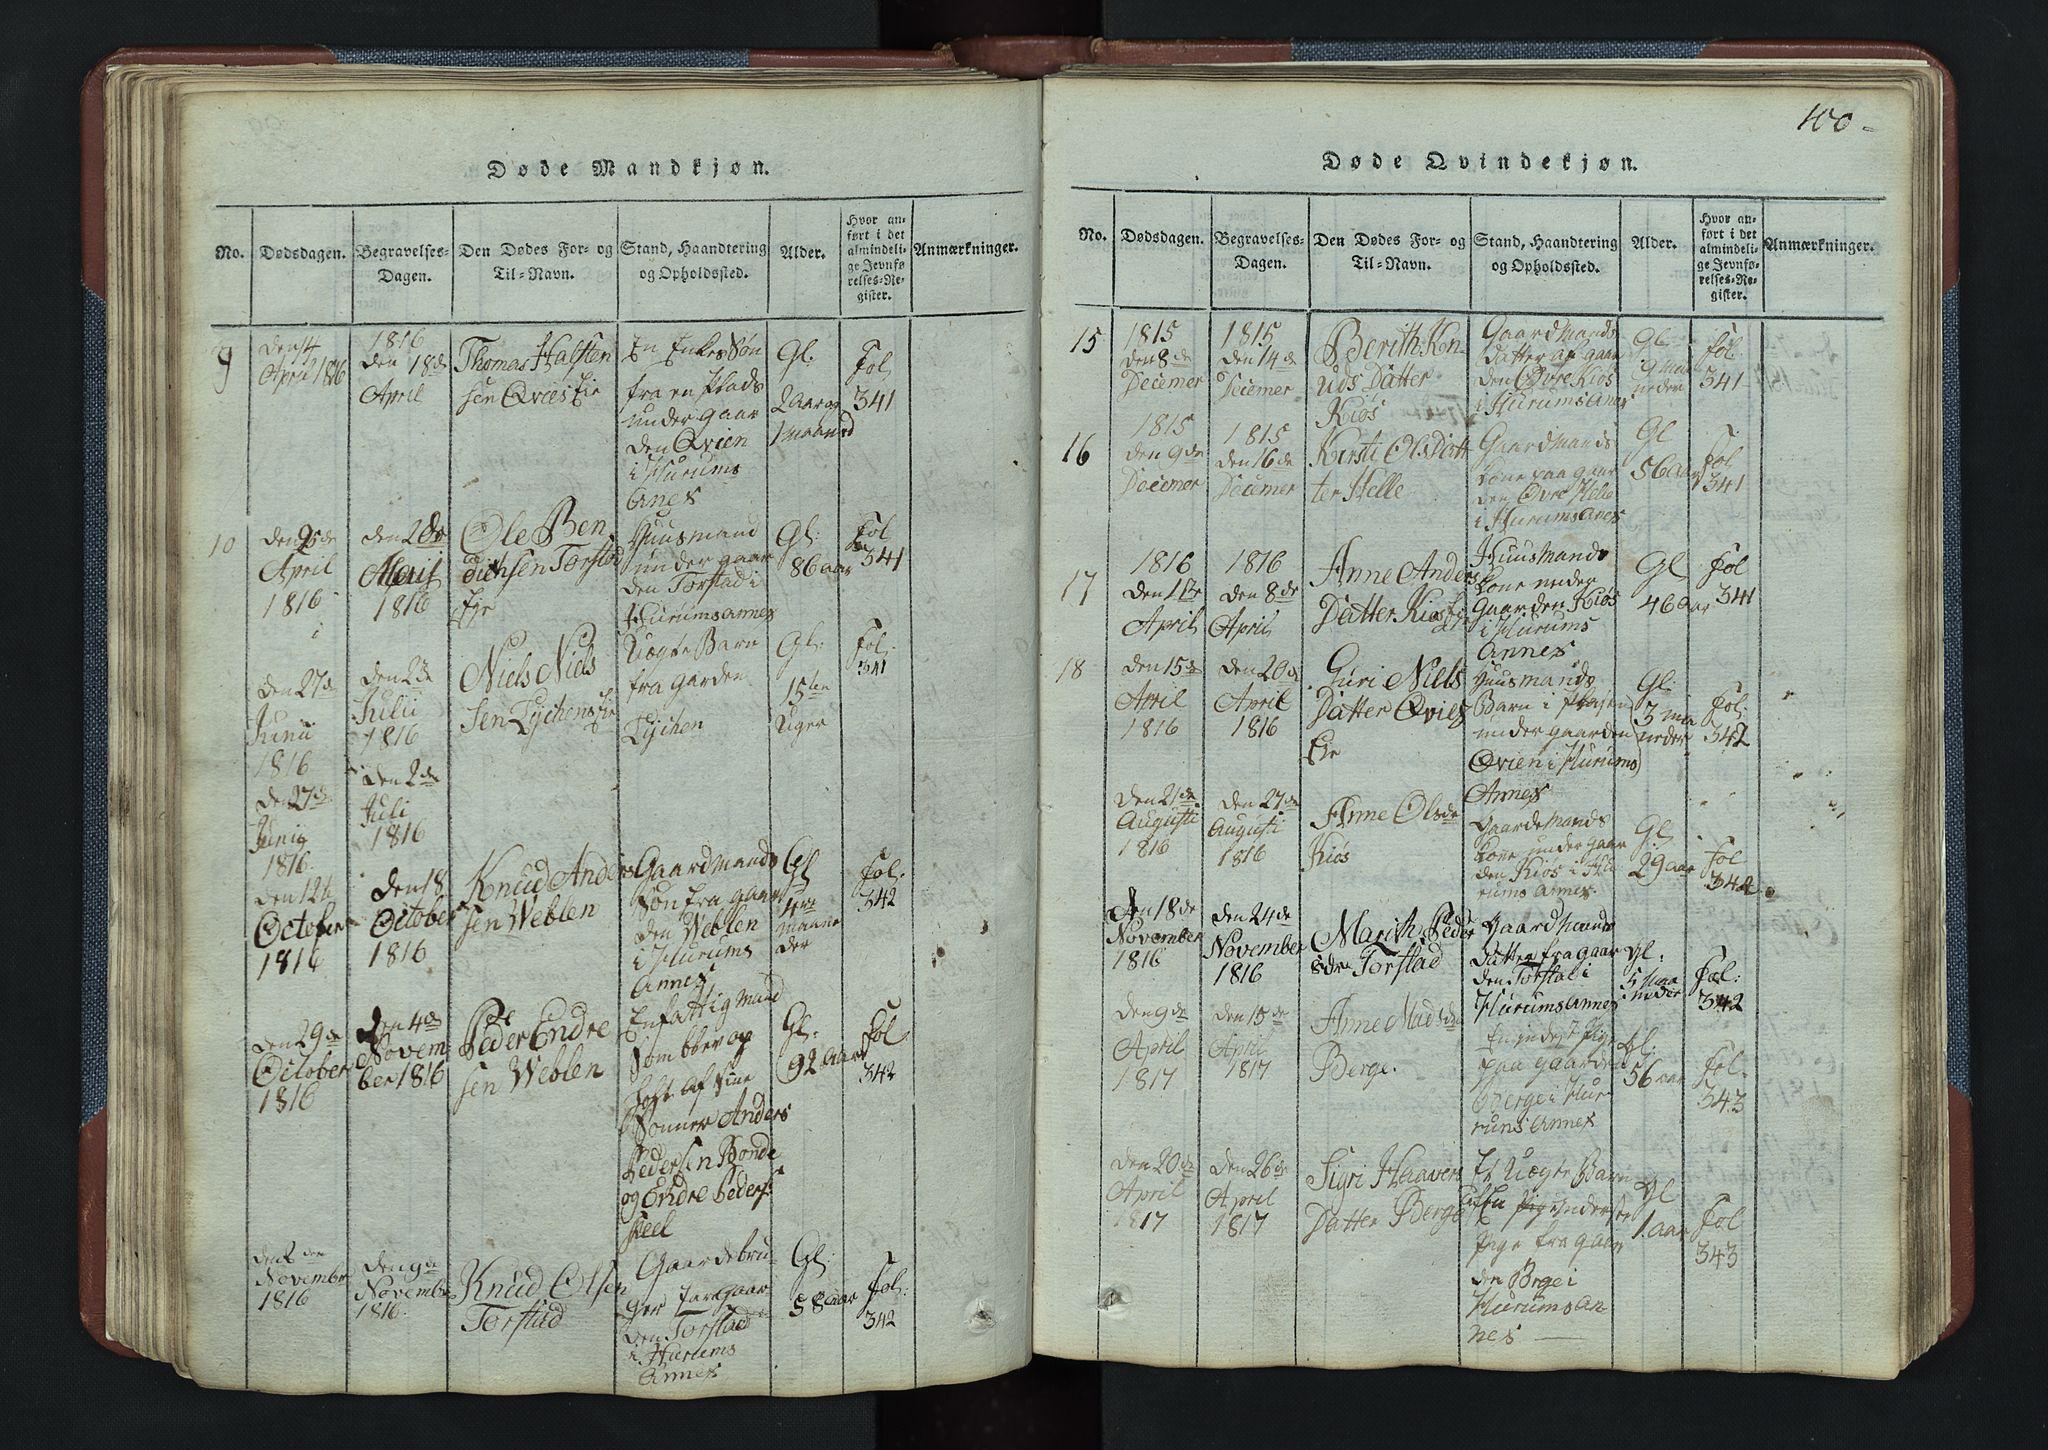 SAH, Vang prestekontor, Valdres, Klokkerbok nr. 3, 1814-1892, s. 100